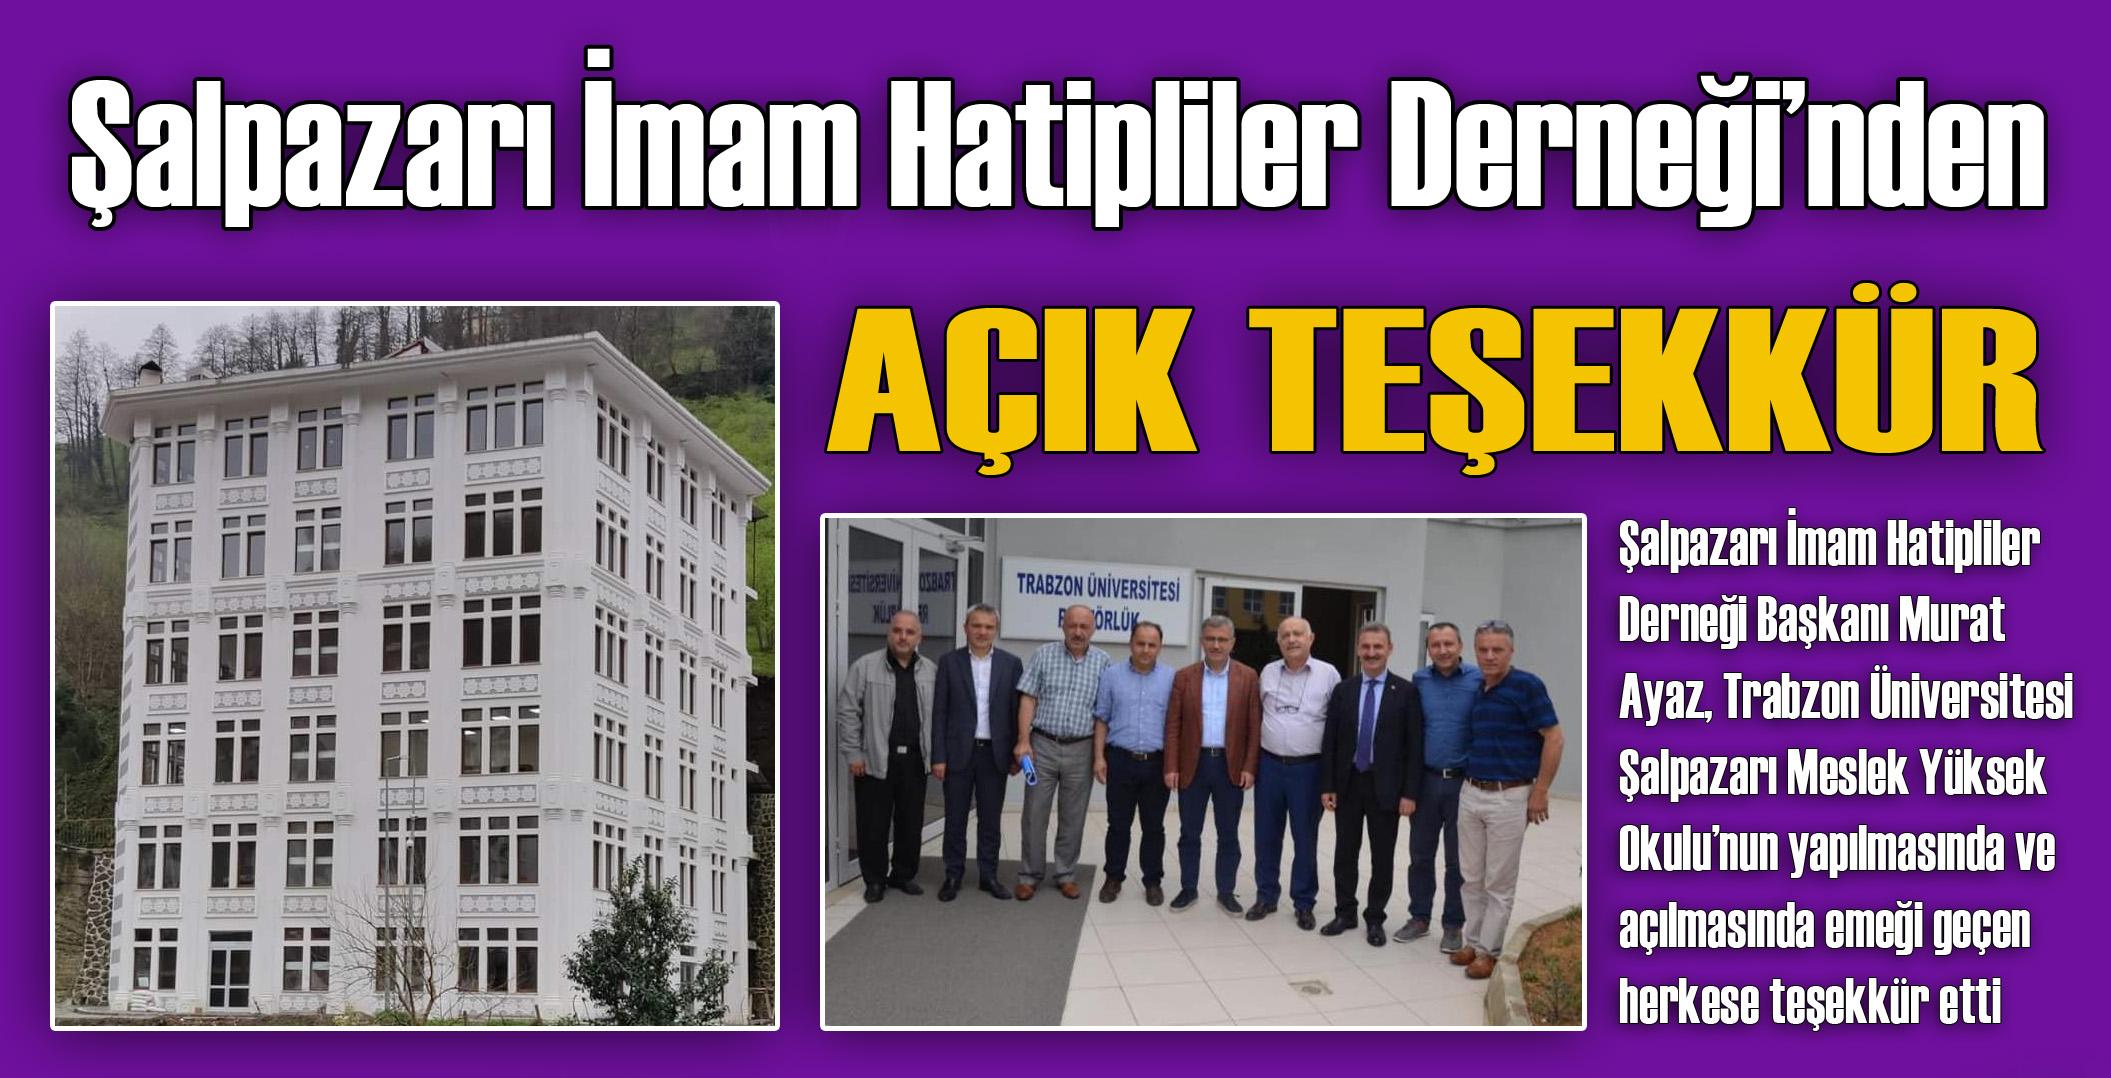 Şalpazarı İmam Hatipliler Derneği Başkanı Murat Ayaz'dan teşekkür ilanı